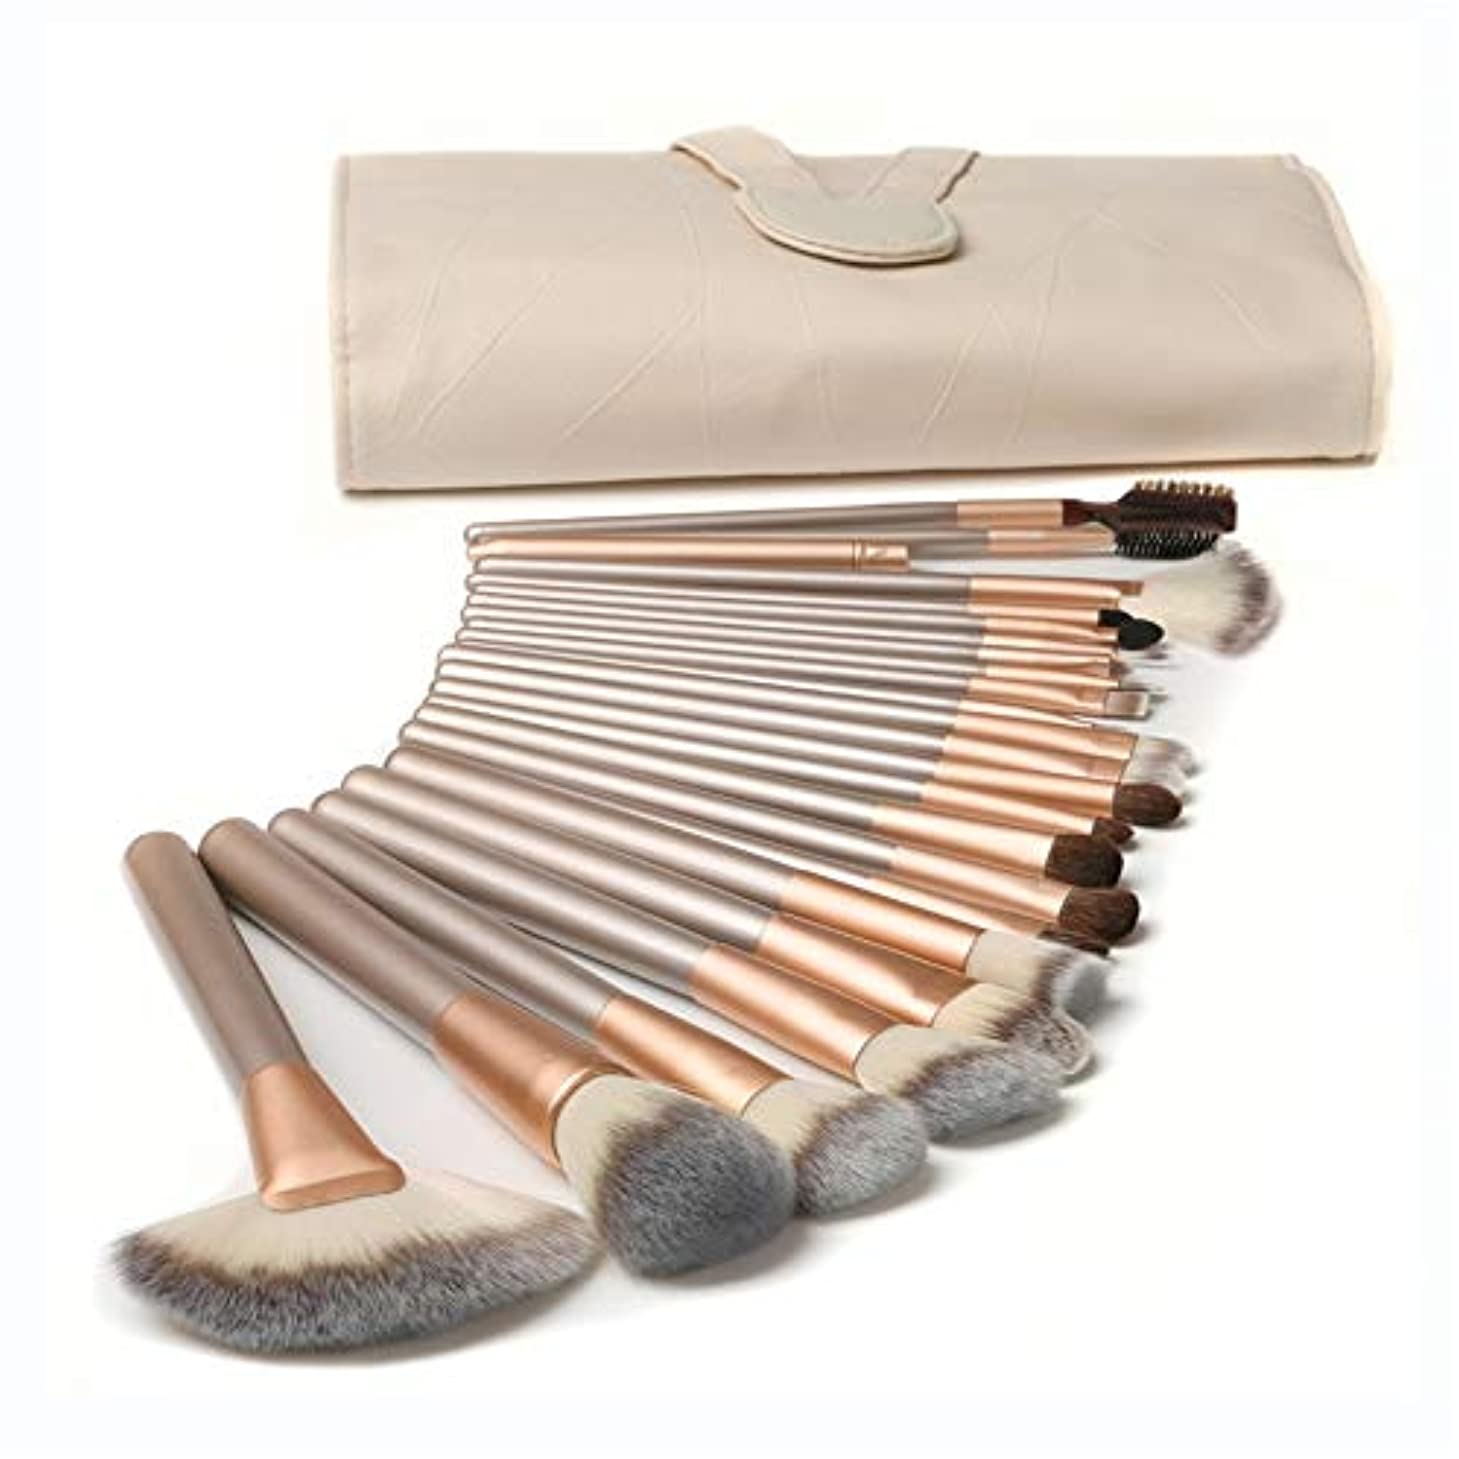 排除するランチョン伝染性Makeup brushes ナイロンヘア、PUレザーエクリュメイクアップブラシセットポーチ、24Pcsプロメイクアップブラシプラント suits (Color : Beige)